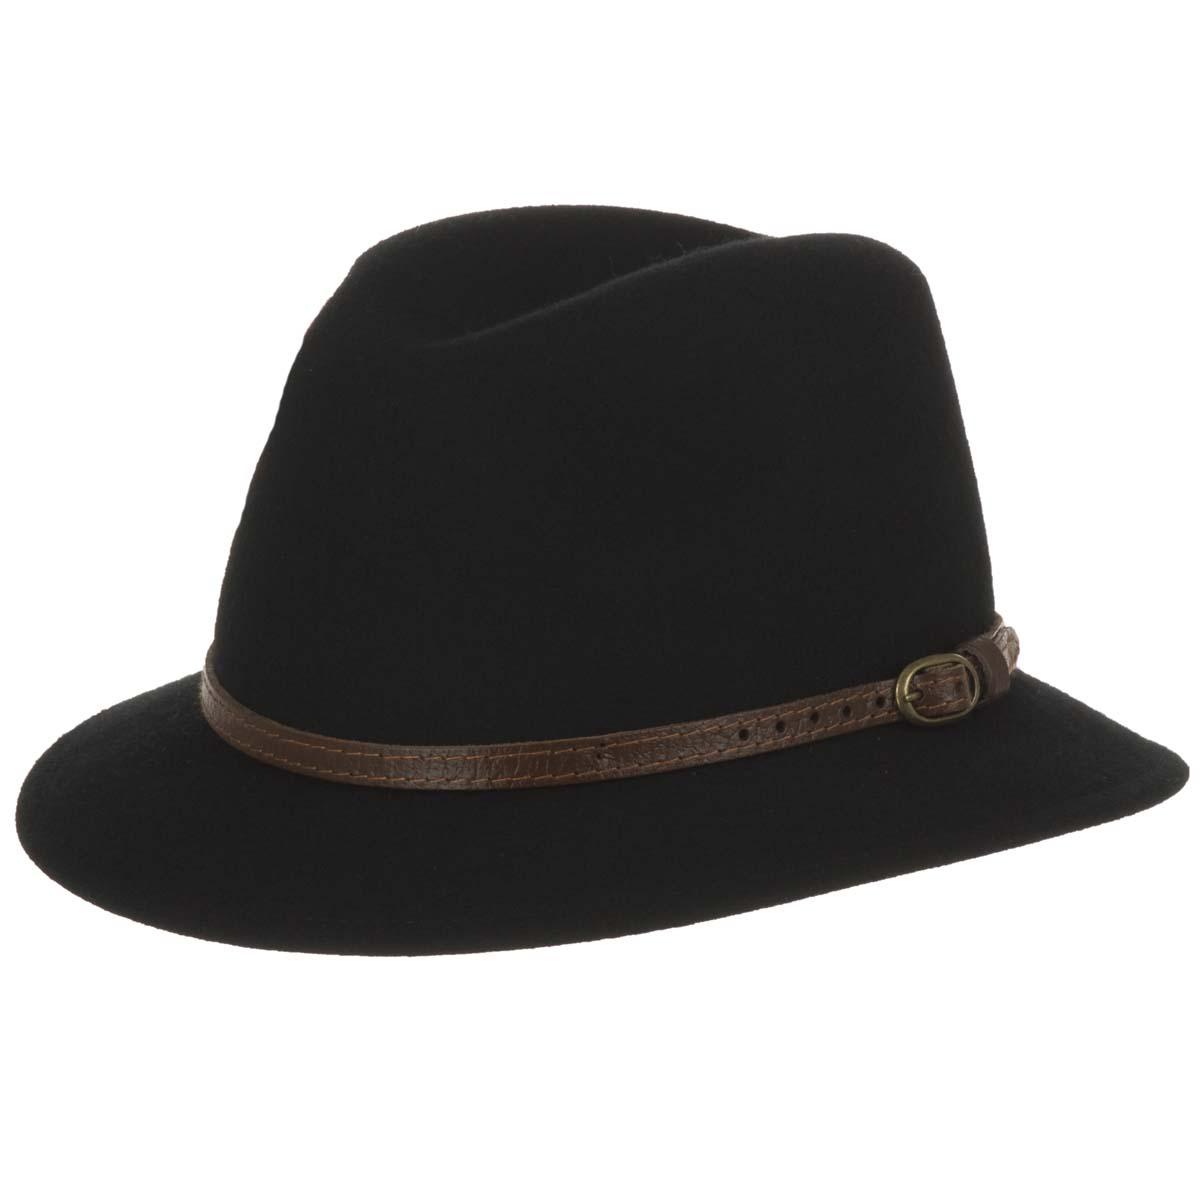 Cappello in feltro di lana a tesa piccola per uomo e donna 4cd81f95cd23